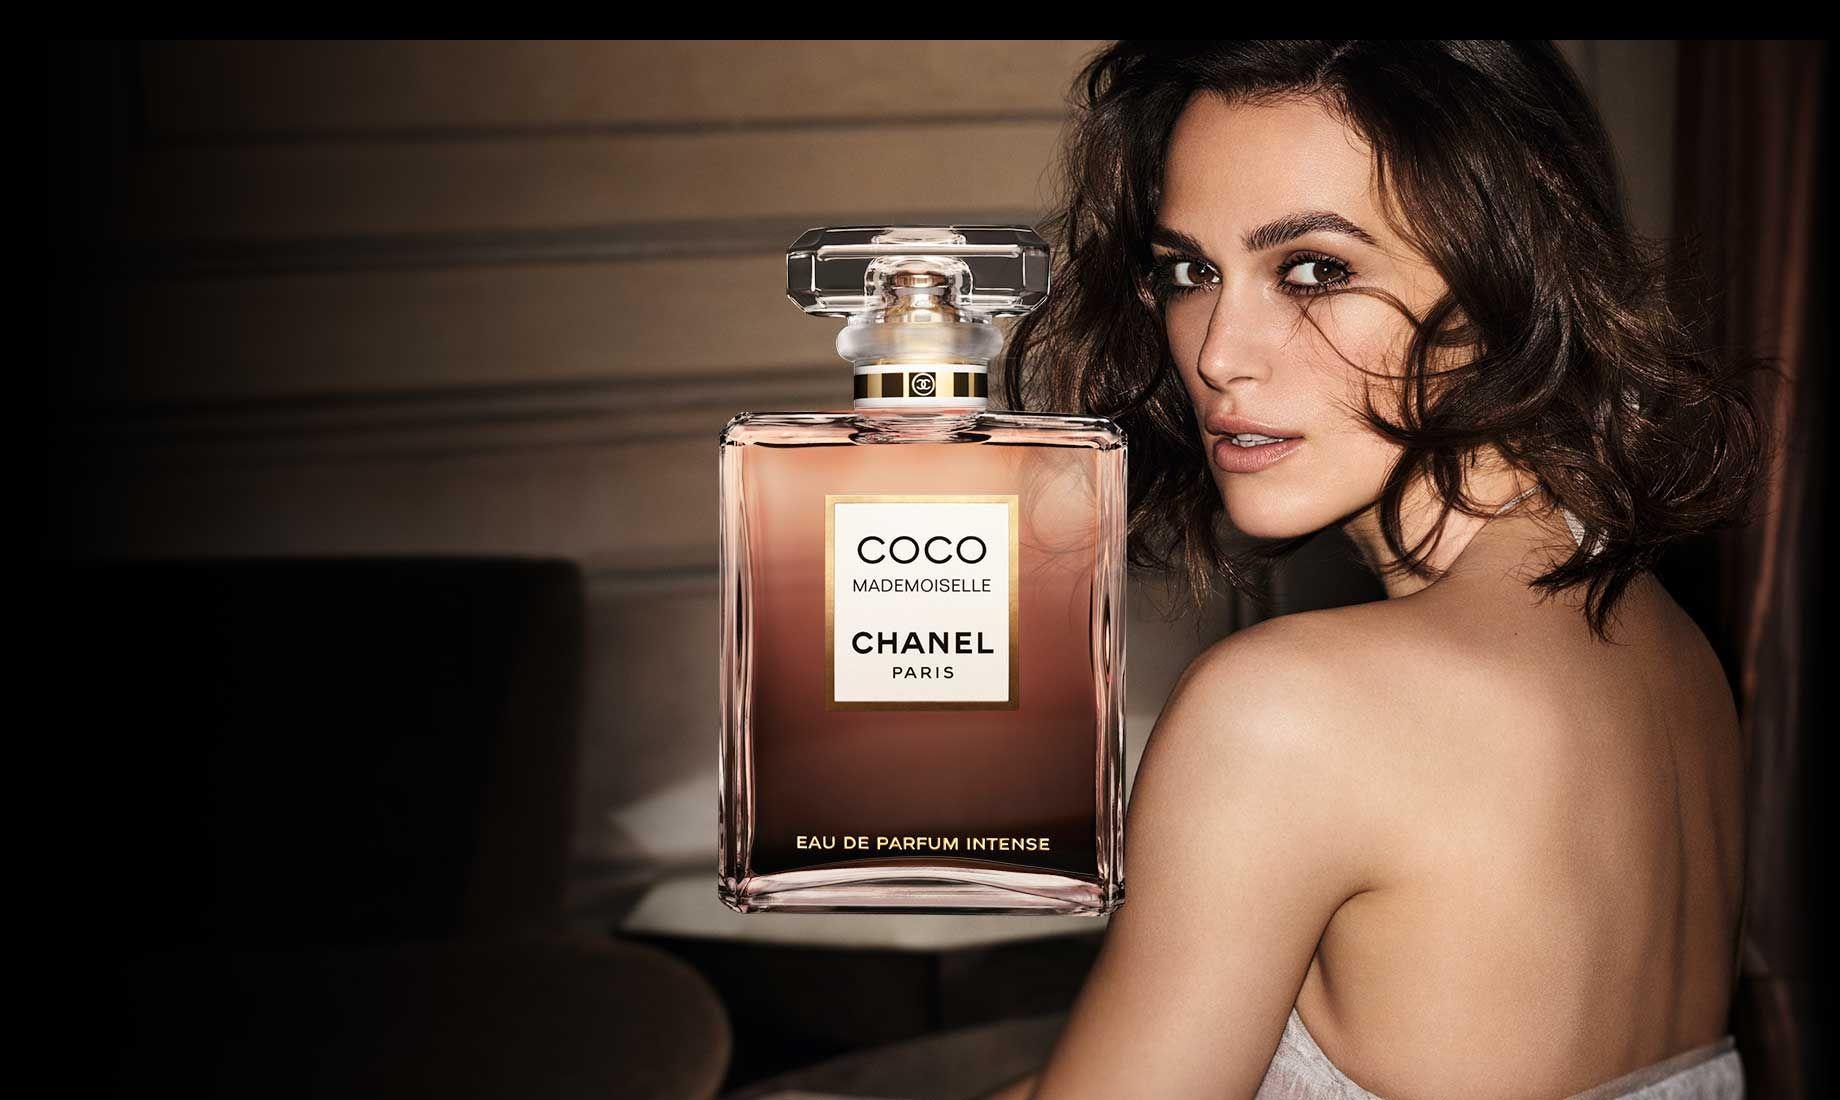 بررسی، مشاهده قیمت و خرید عطر (ادکلن) شنل کوکو مادمازل اینتنس Chanel Coco Mademoiselle Intense اصل